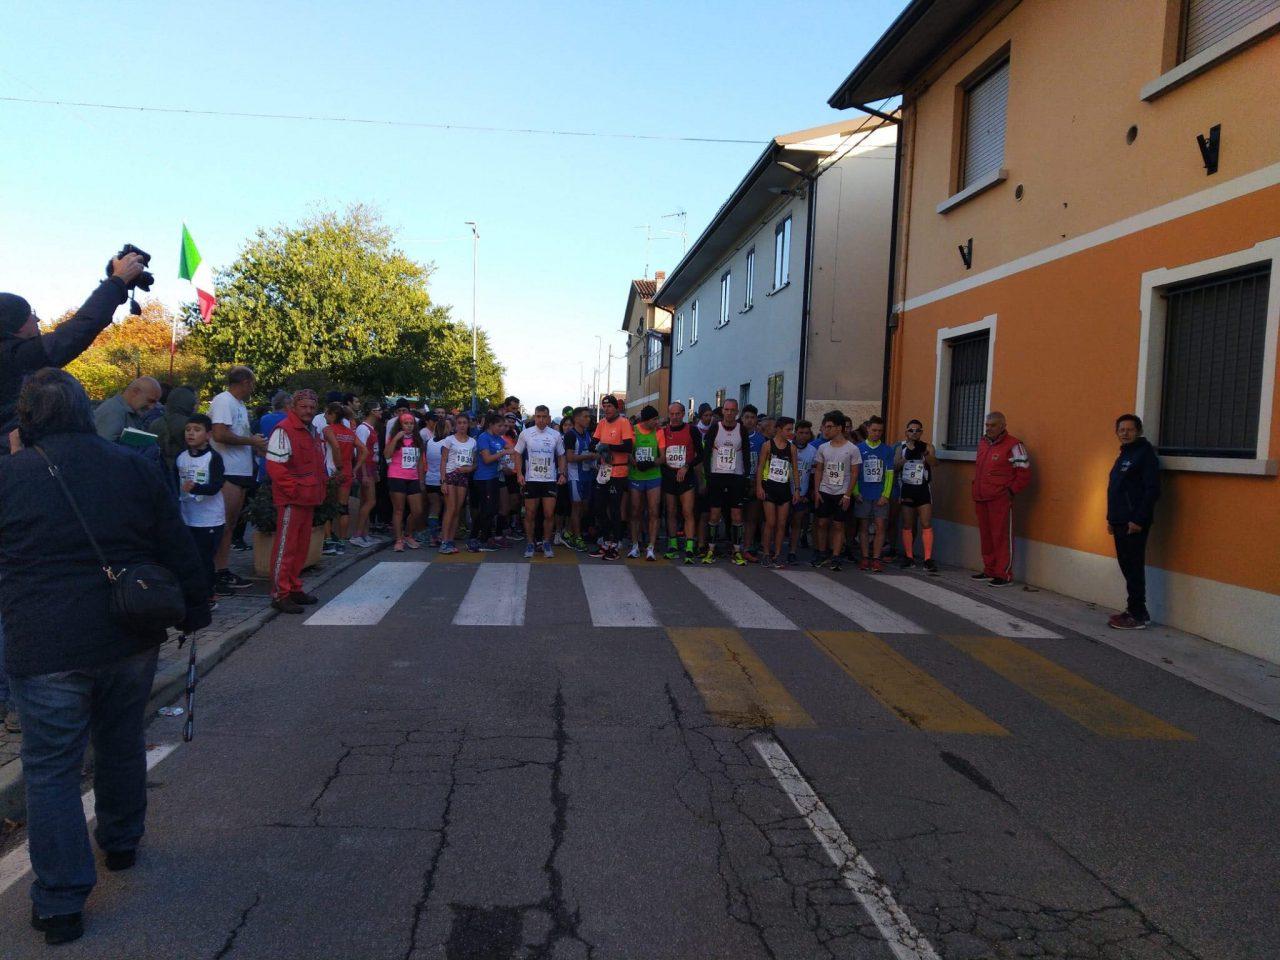 Grande gara podistica a Castelletto di Leno: in tanti pronti a correre per le vie del paese - Brescia Settegiorni